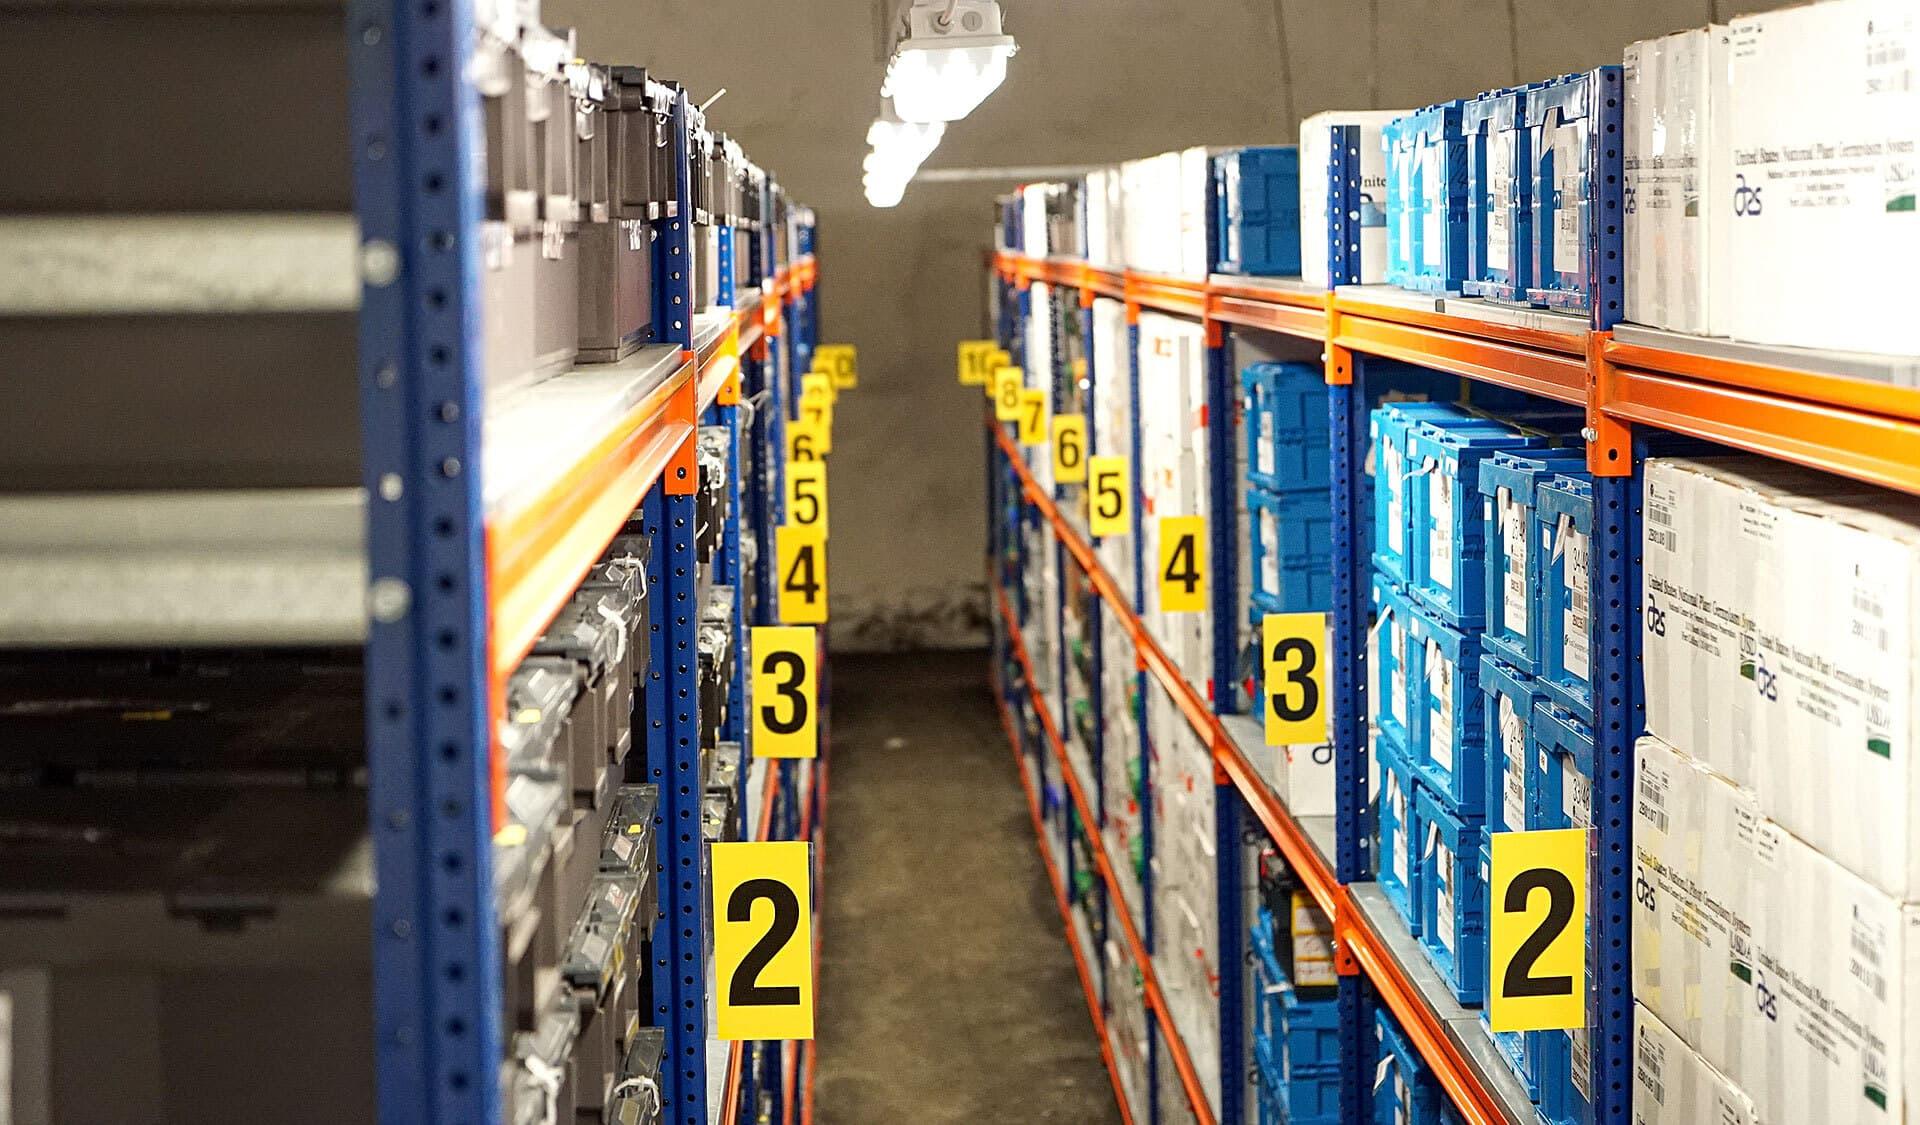 Blick in einen Raum mit Regaln voll Boxen